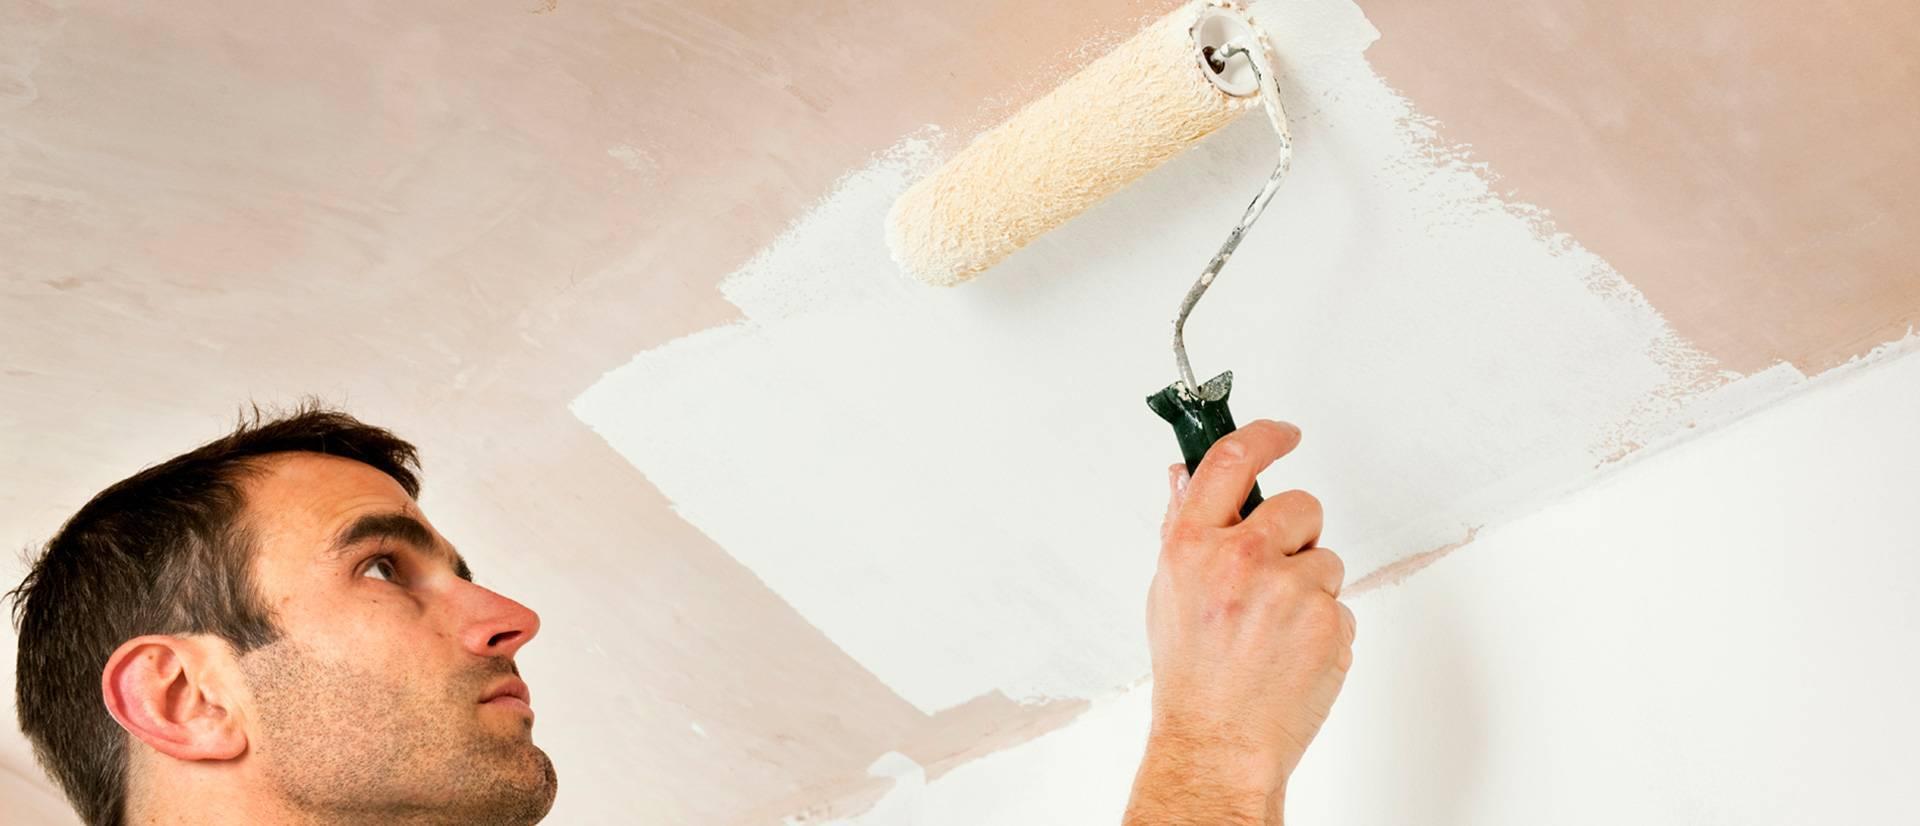 Побелка потолка водоэмульсионной краской своими руками и цена за квадратный метр